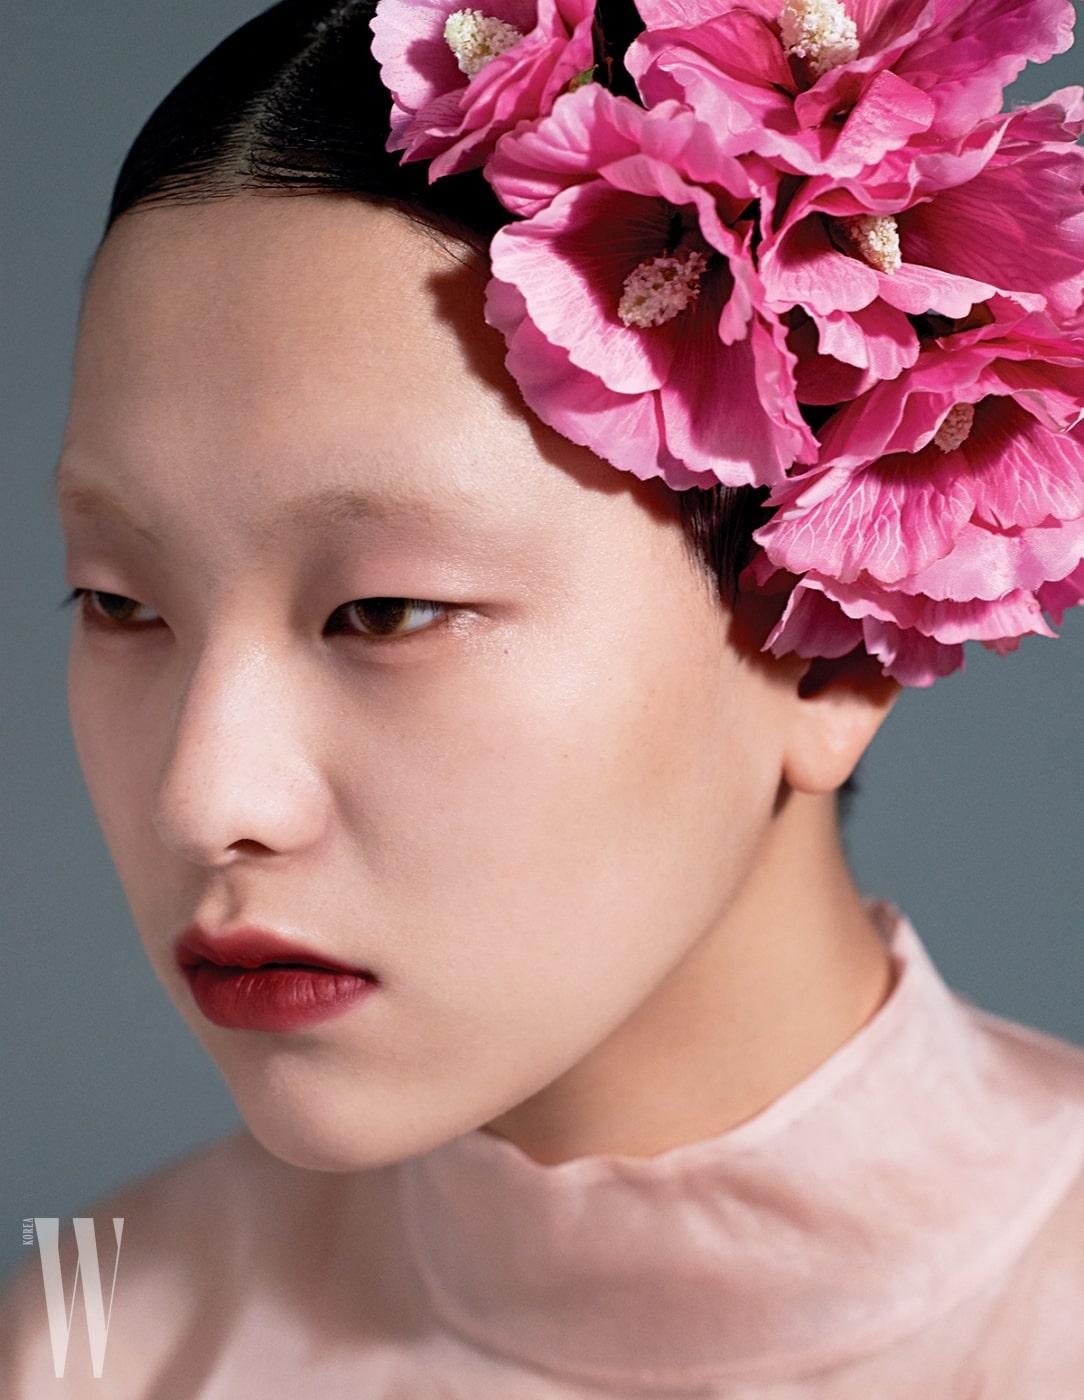 분홍색오간자톱은Prada 제품. 머리에꽂은꽃은 대한민국국화무궁화.